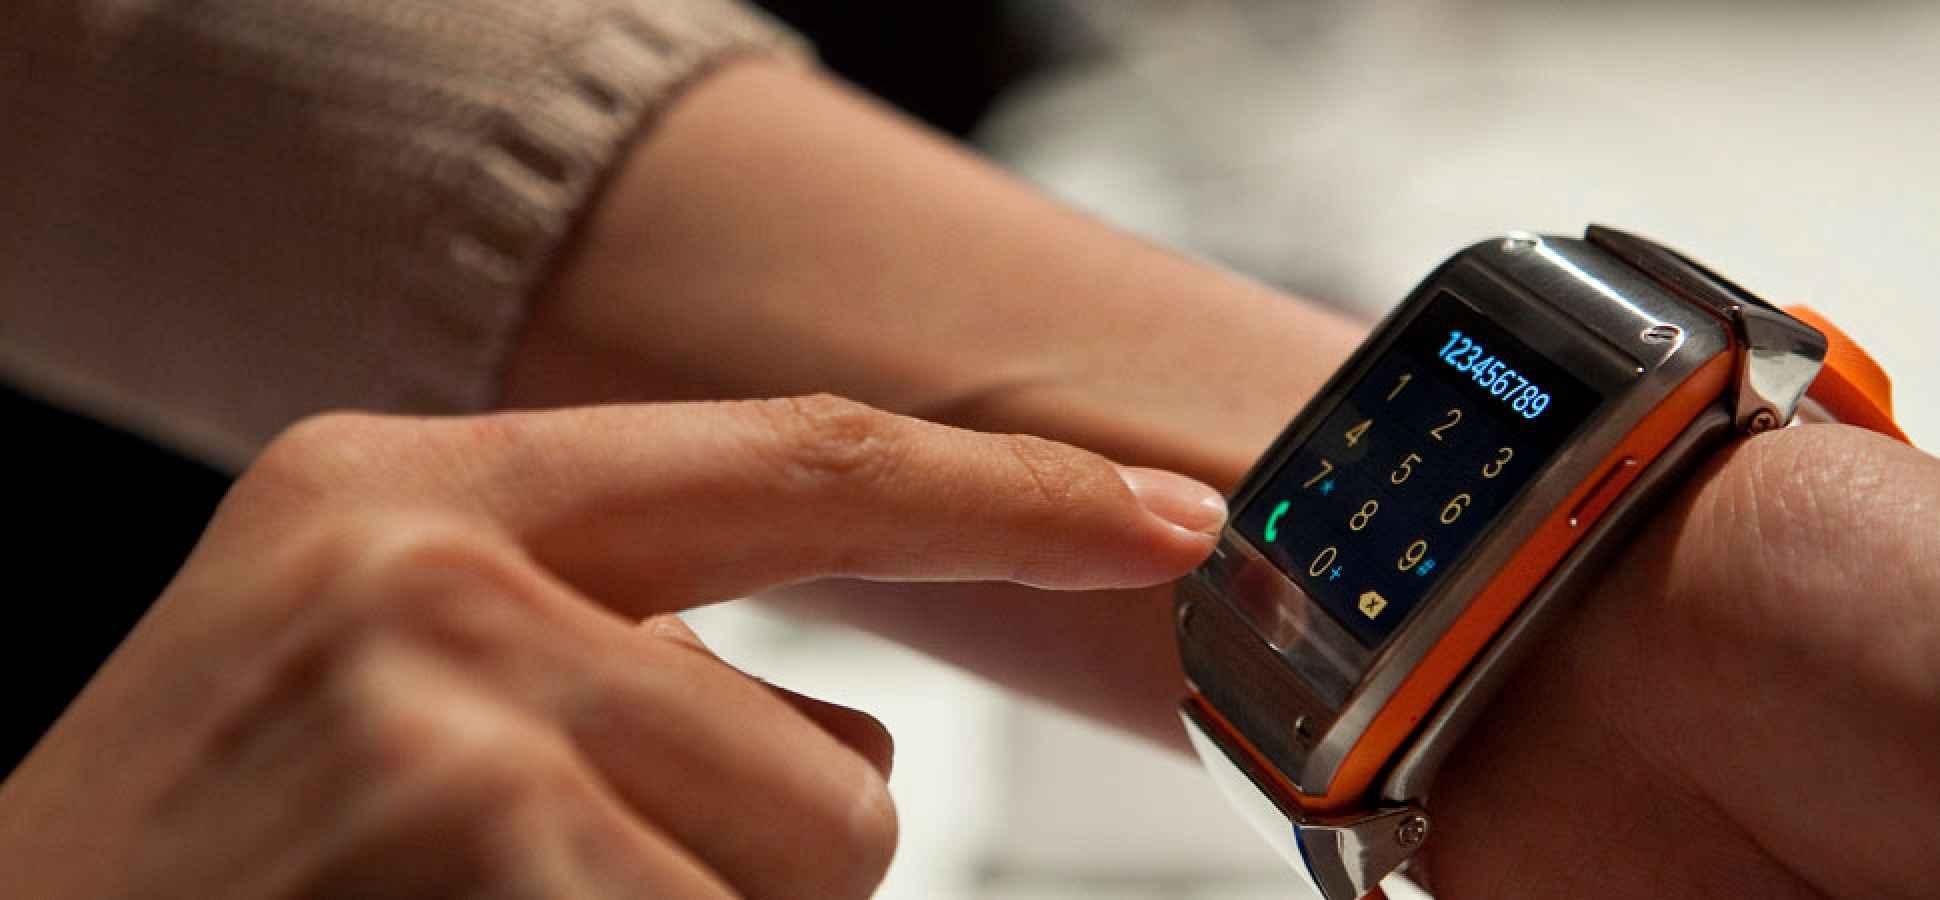 5 Start-Ups the Samsung Galaxy Gear Just Made Nervous